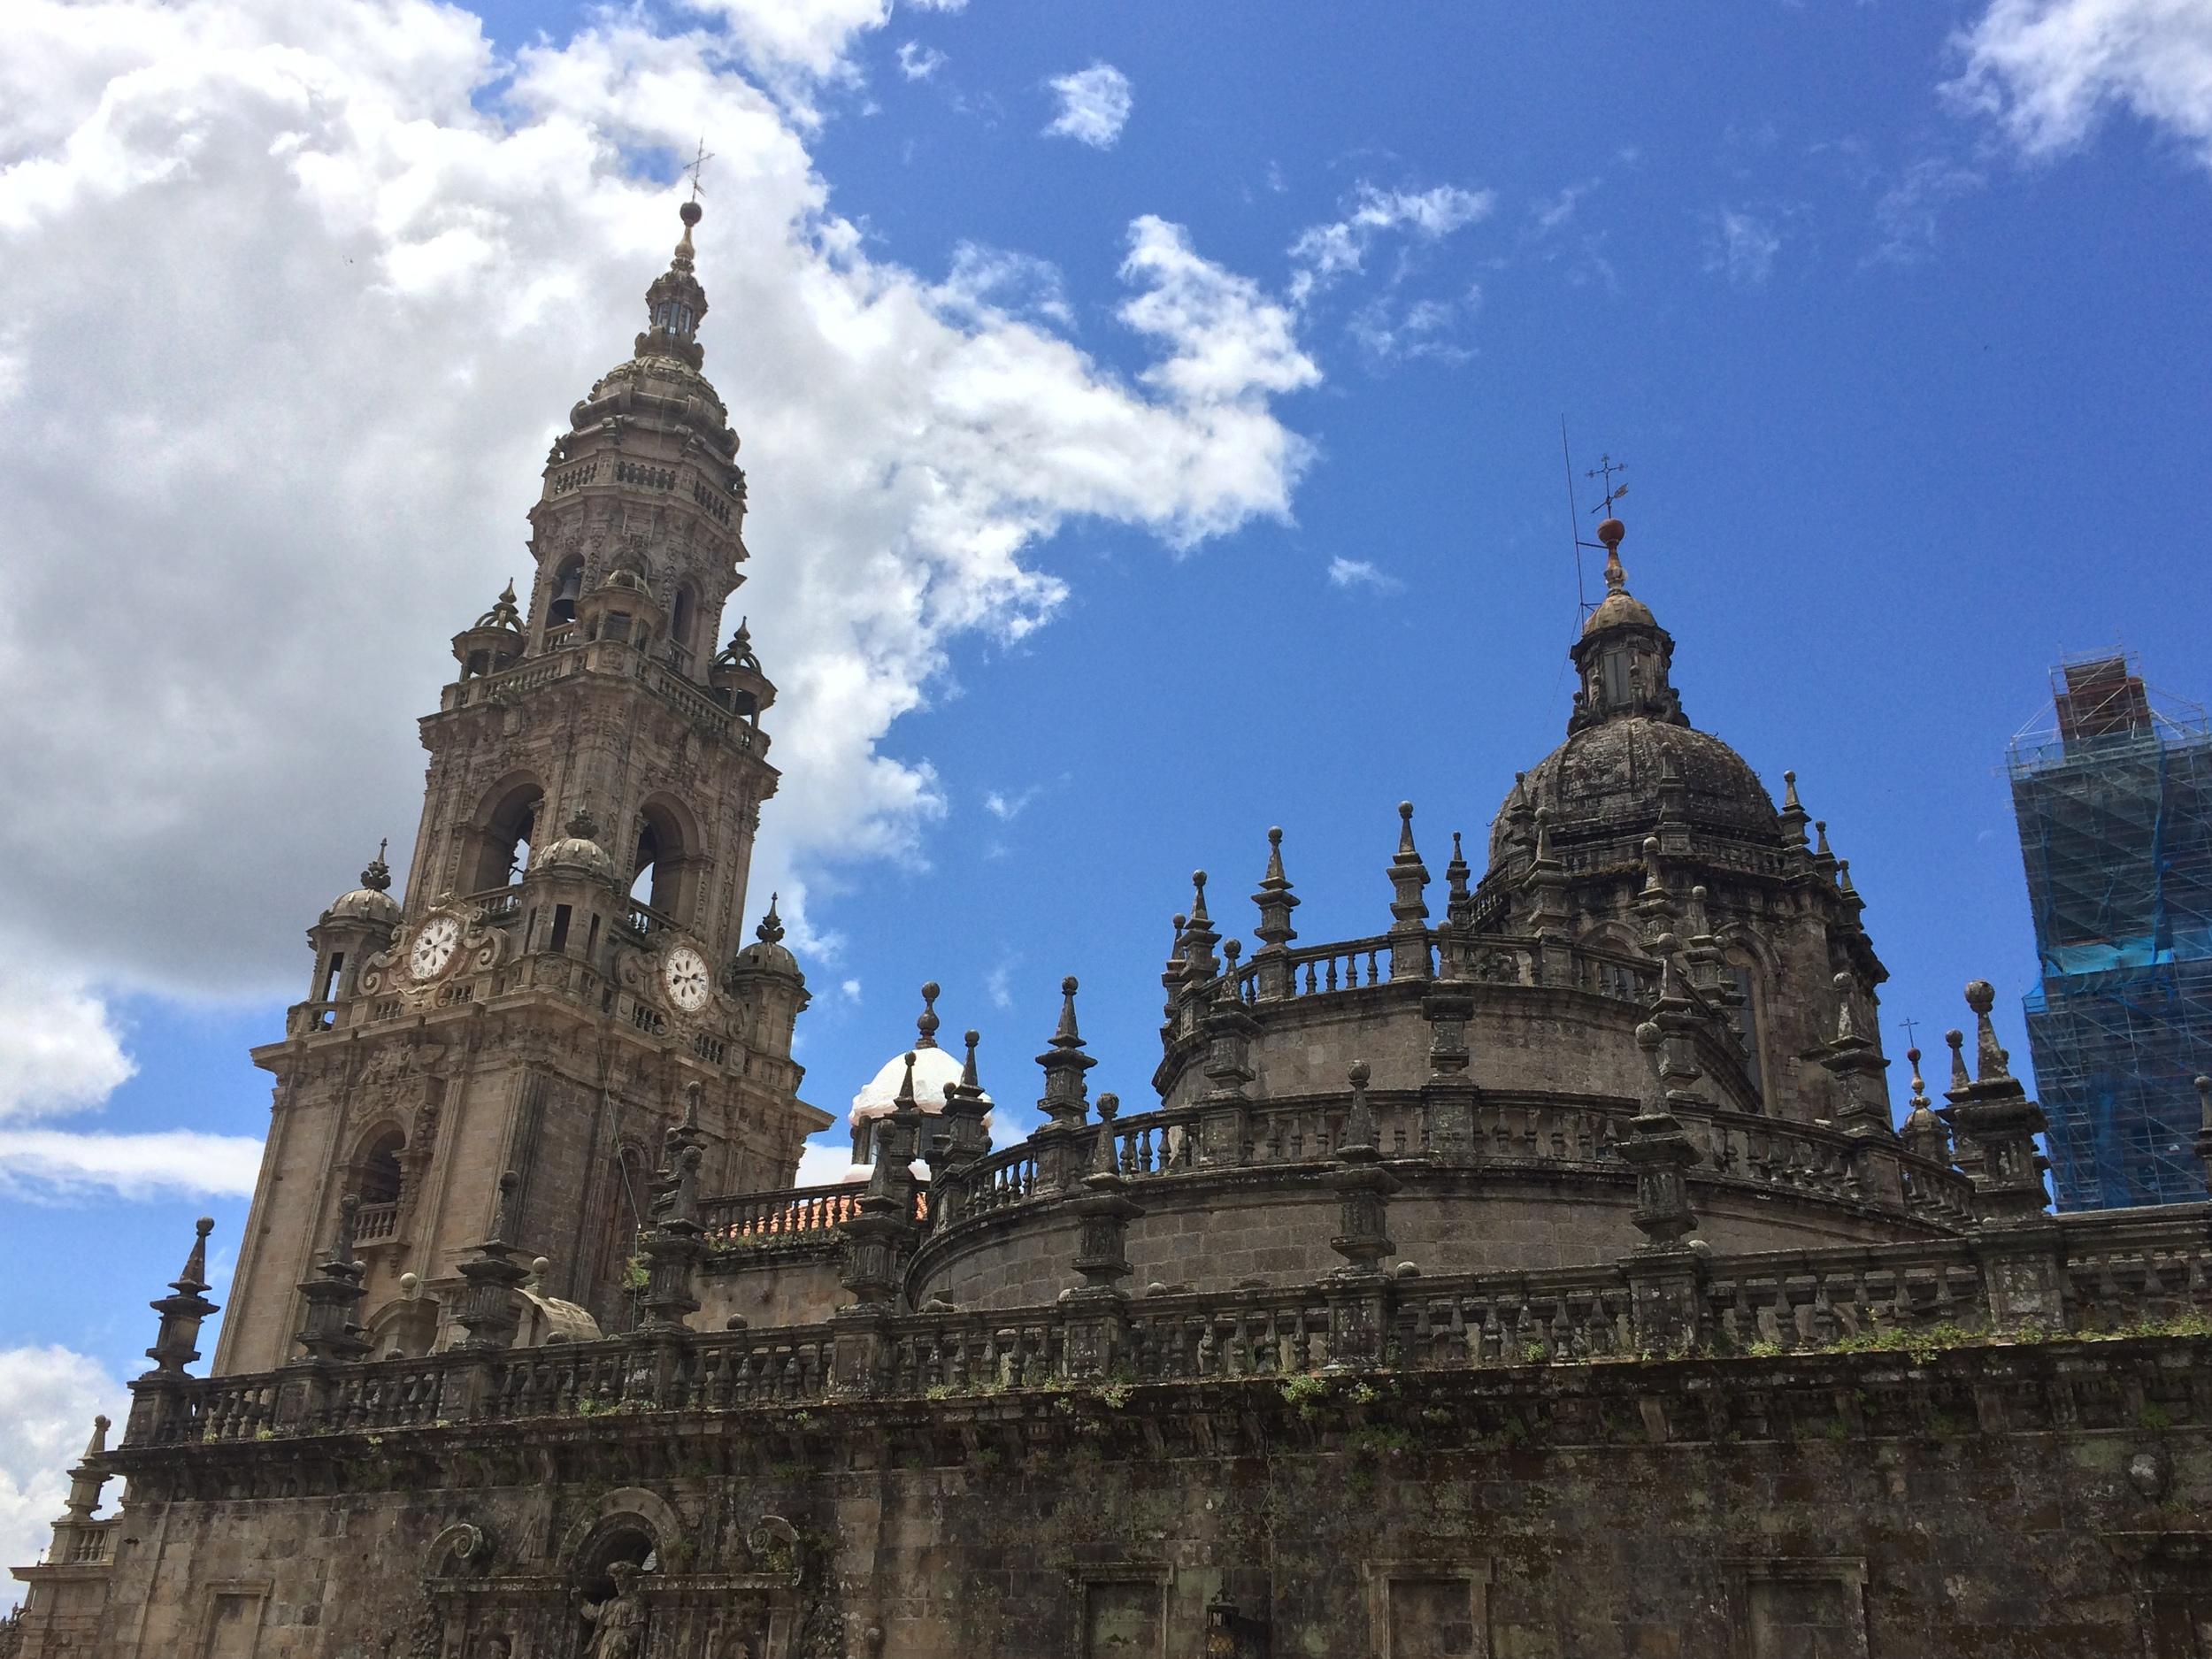 The Museo Catedralicio